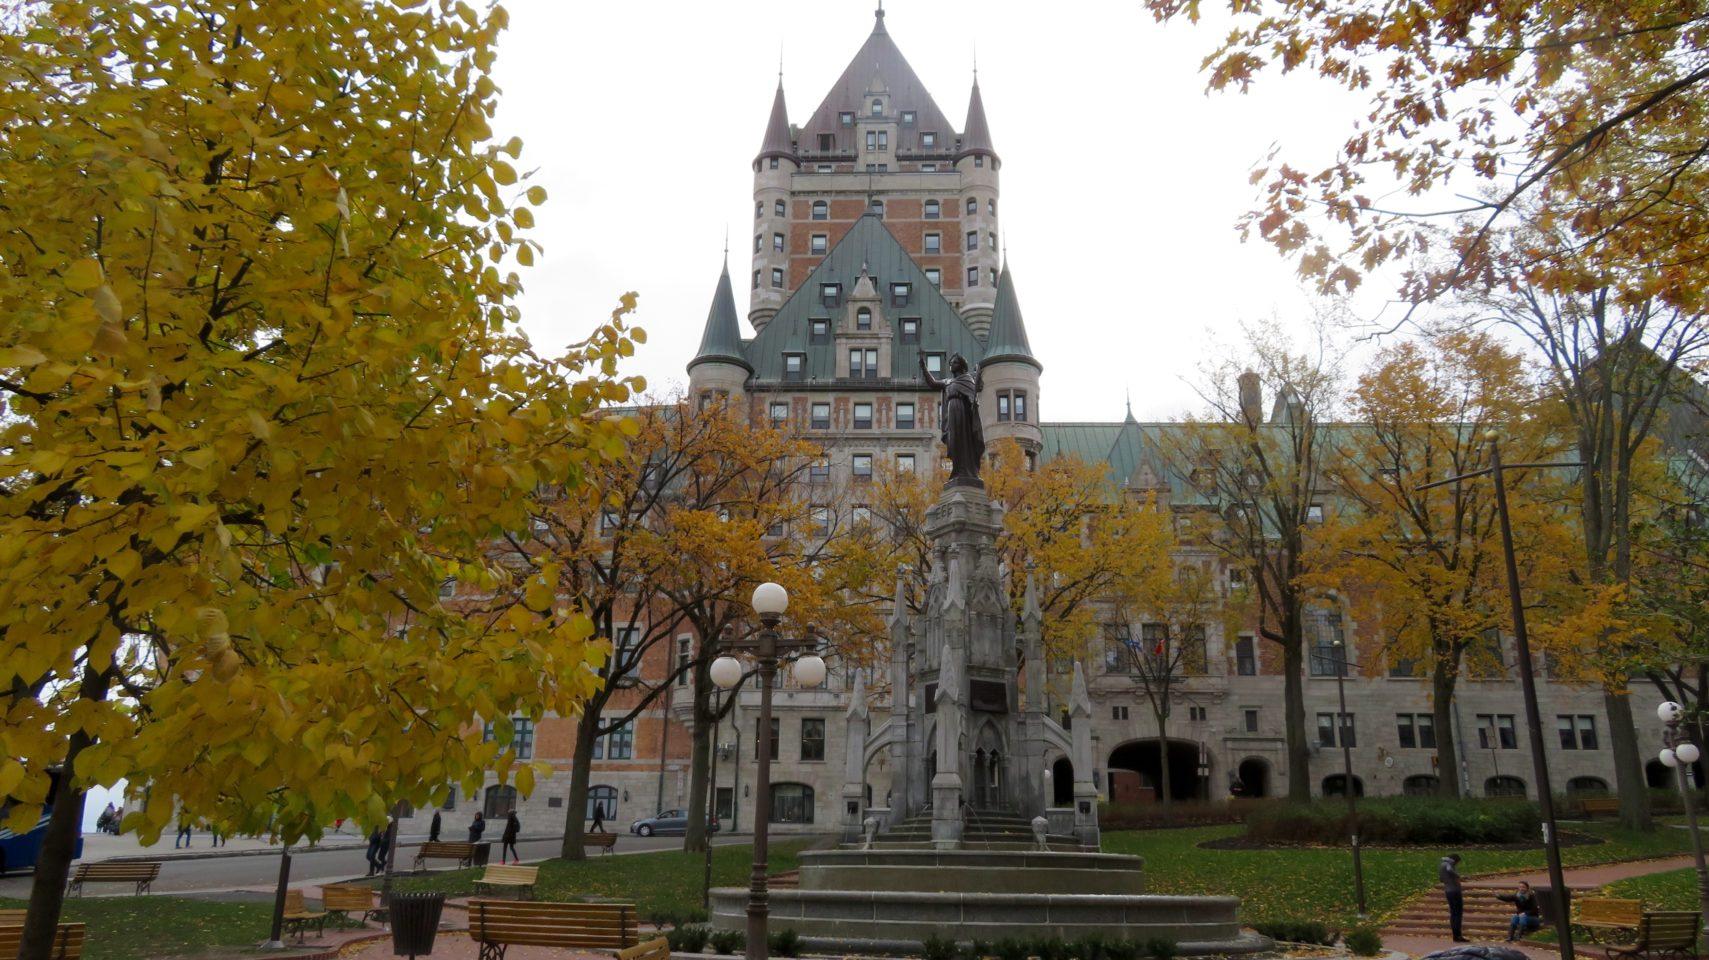 Fairmont Le Chateau Frontenac in Quebec City, Quebec, Canada